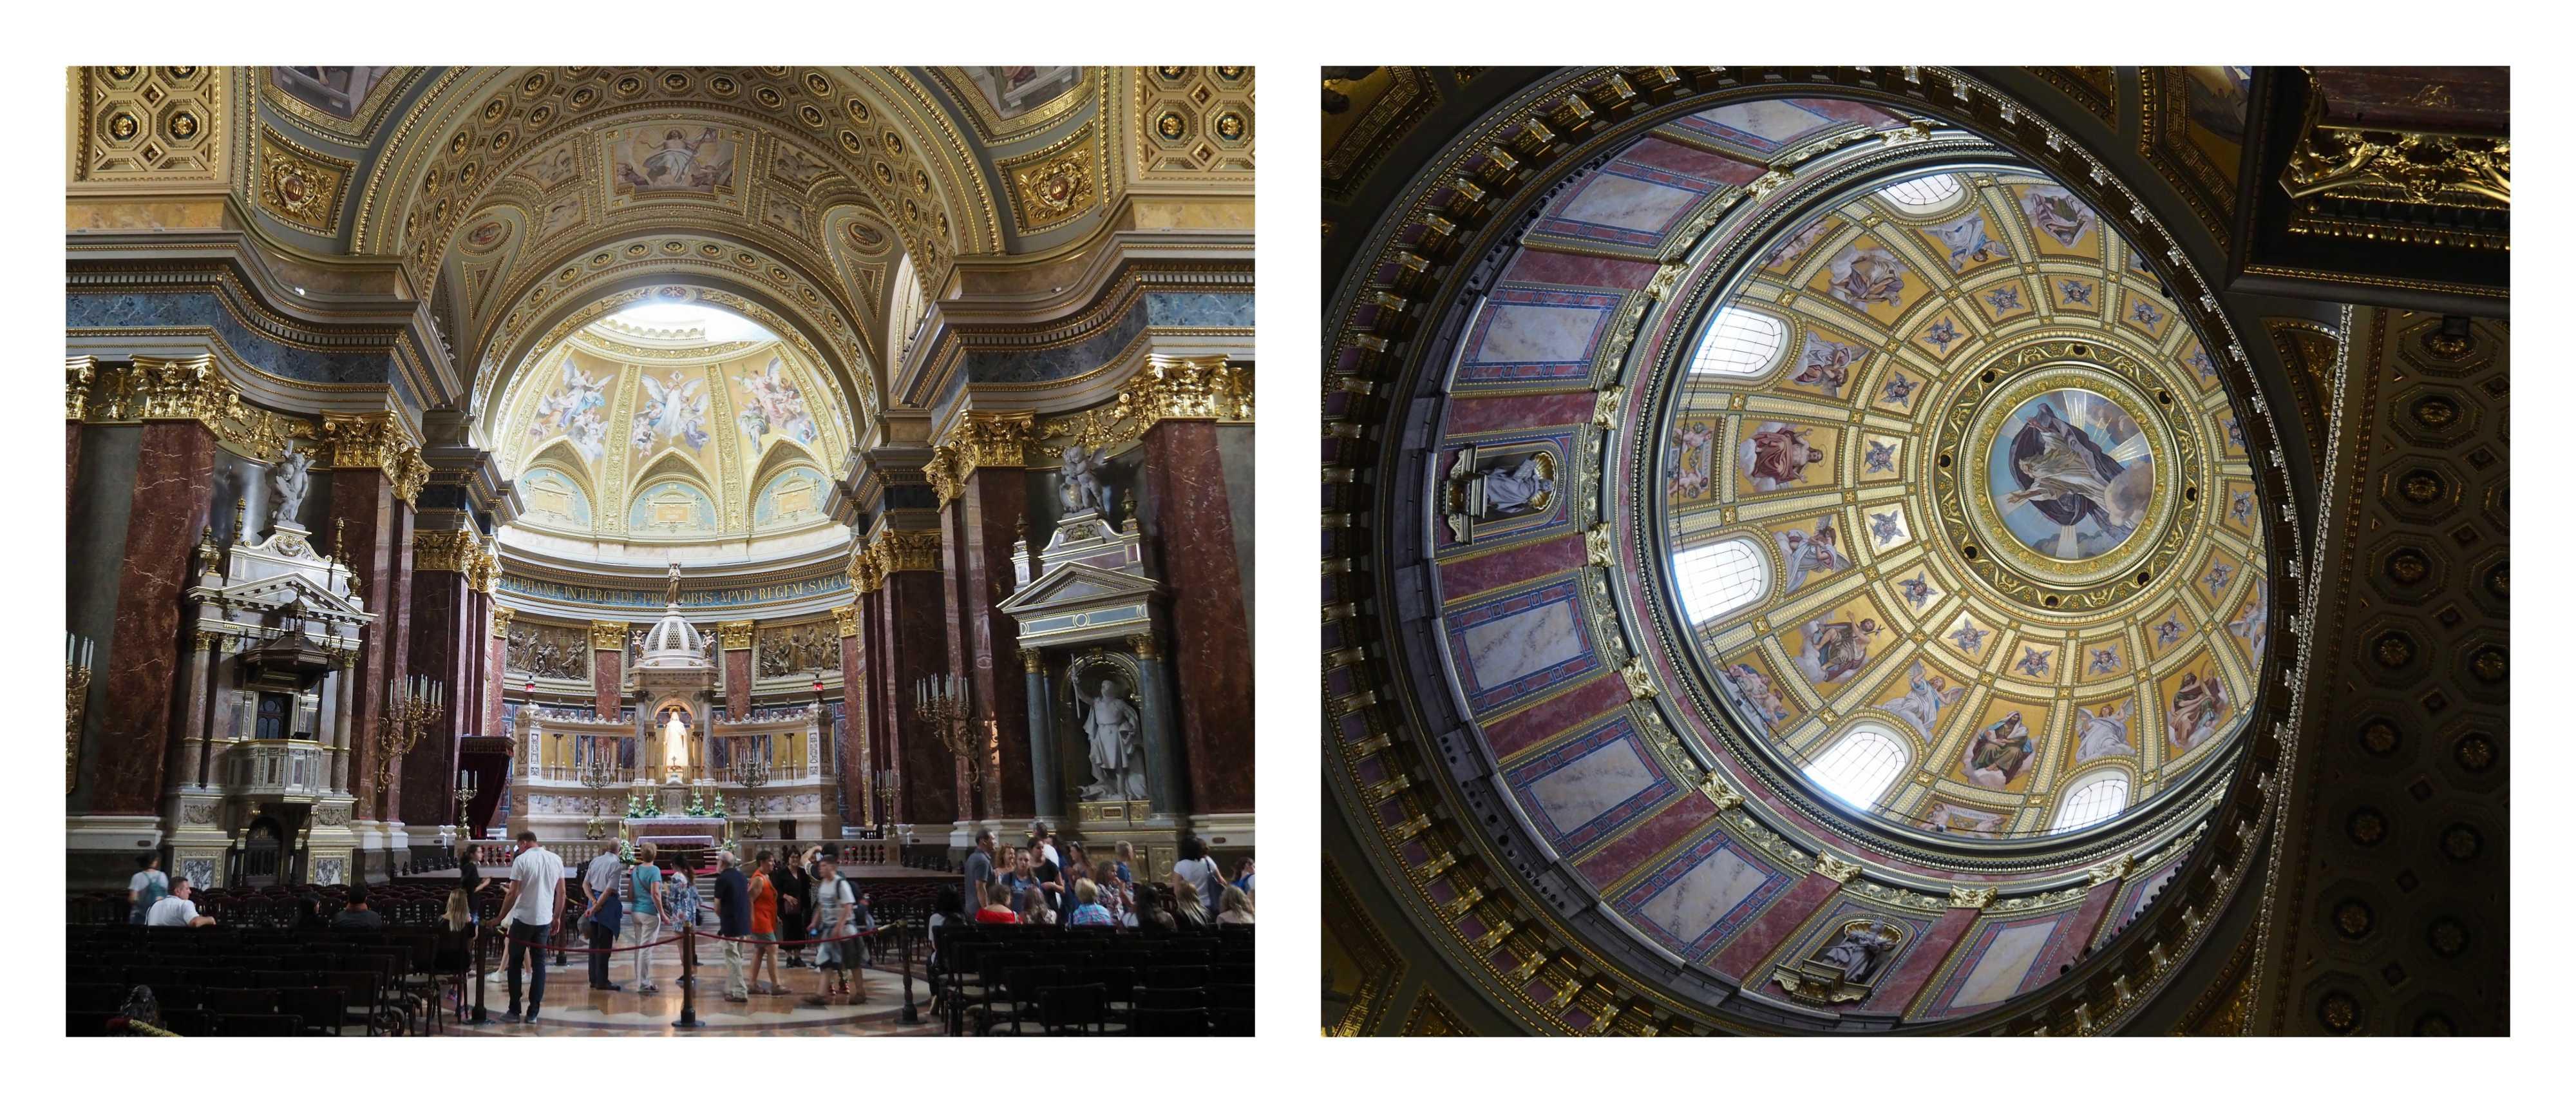 Visite de Budapest en famille, itinéraire sur 5 jours -Intérieur de la Basilique Saint-Etienne